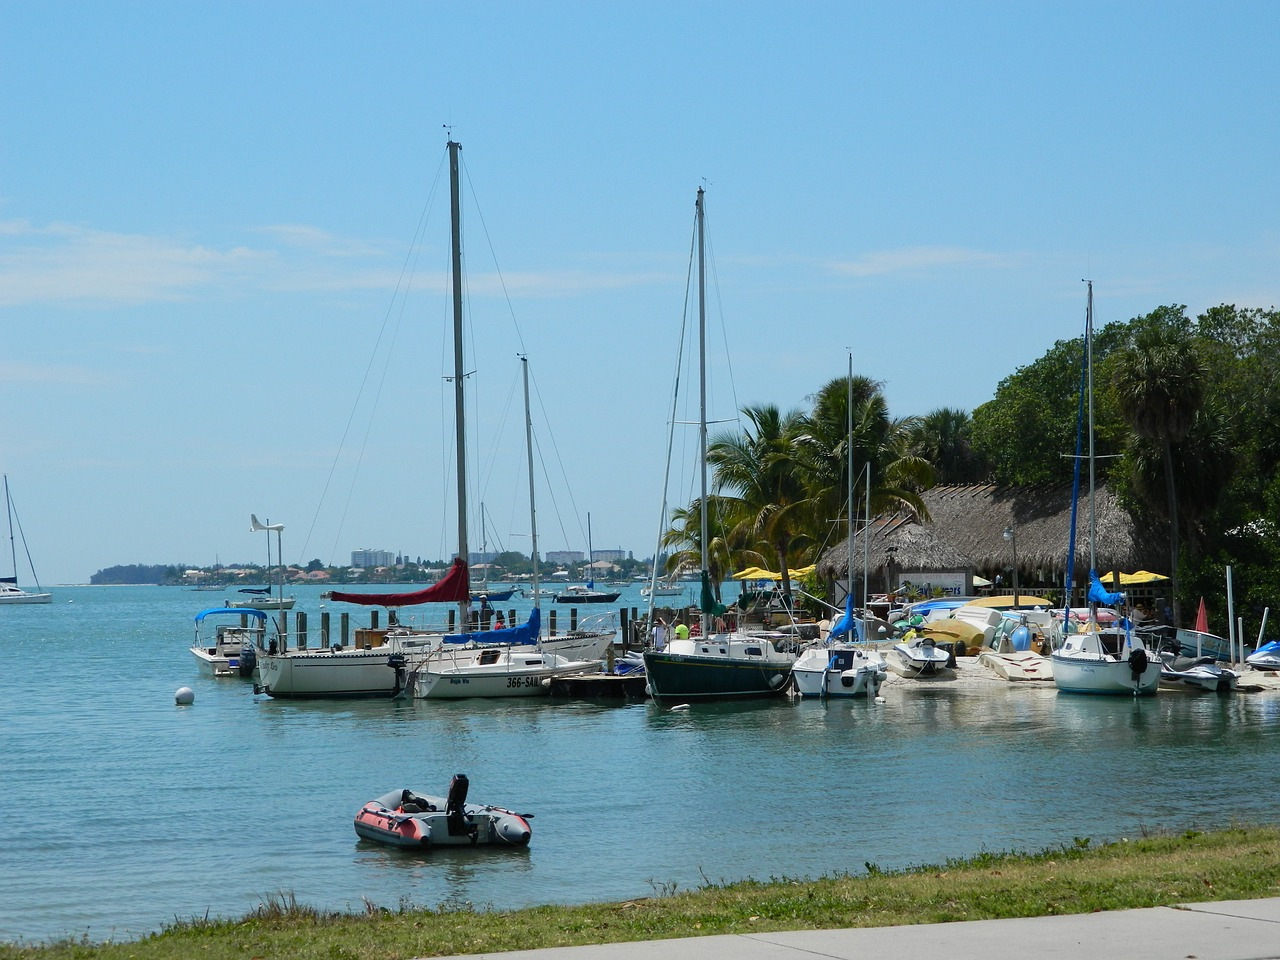 boats near a dock and tiki bar